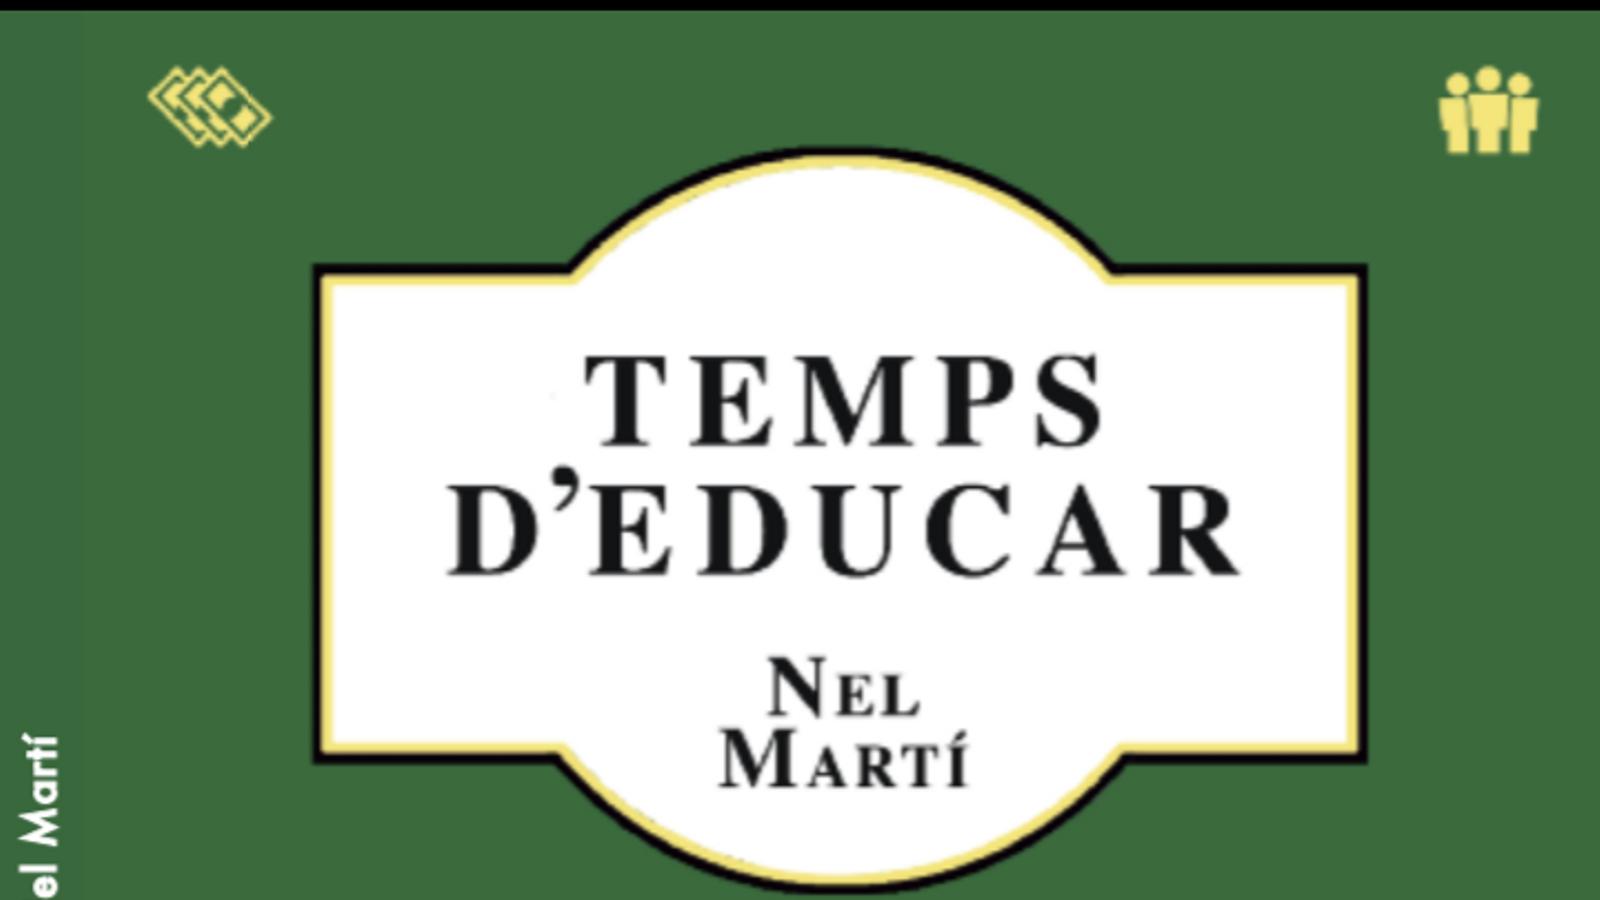 Nel Martí és l'autor d'aquest manual per educar els diferents àmbits de la vida de les persones.